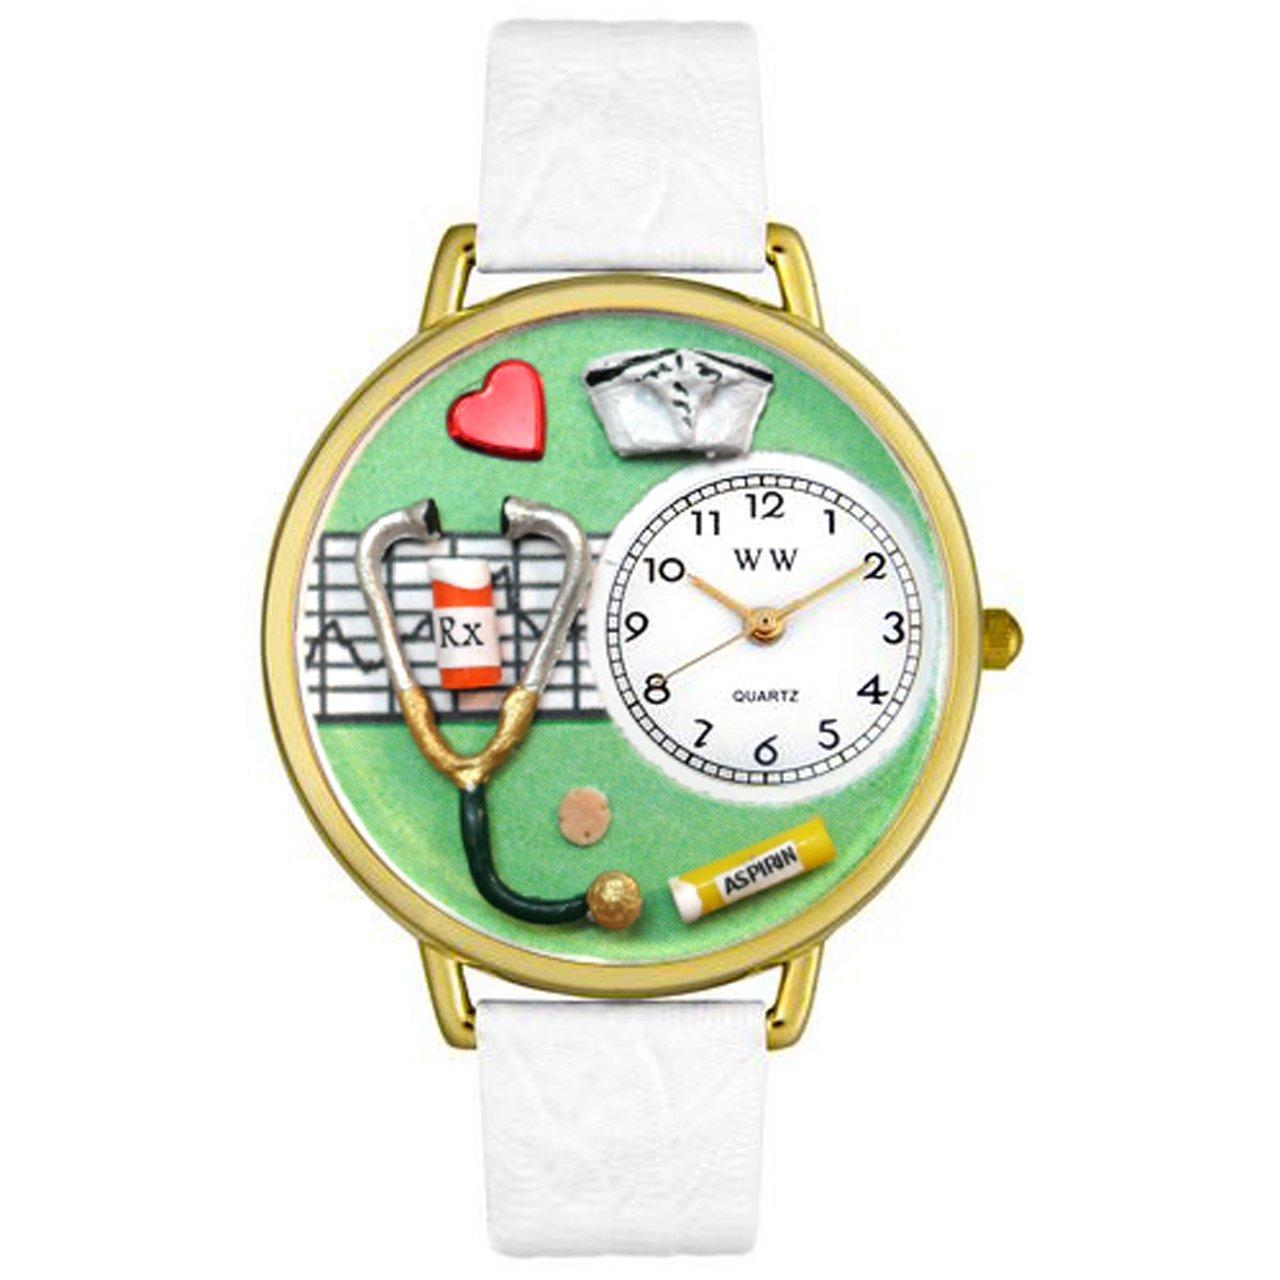 Leder Quarz Armband Analog Uhr Unisex Whimsical Watches Mit G nOPkX80w